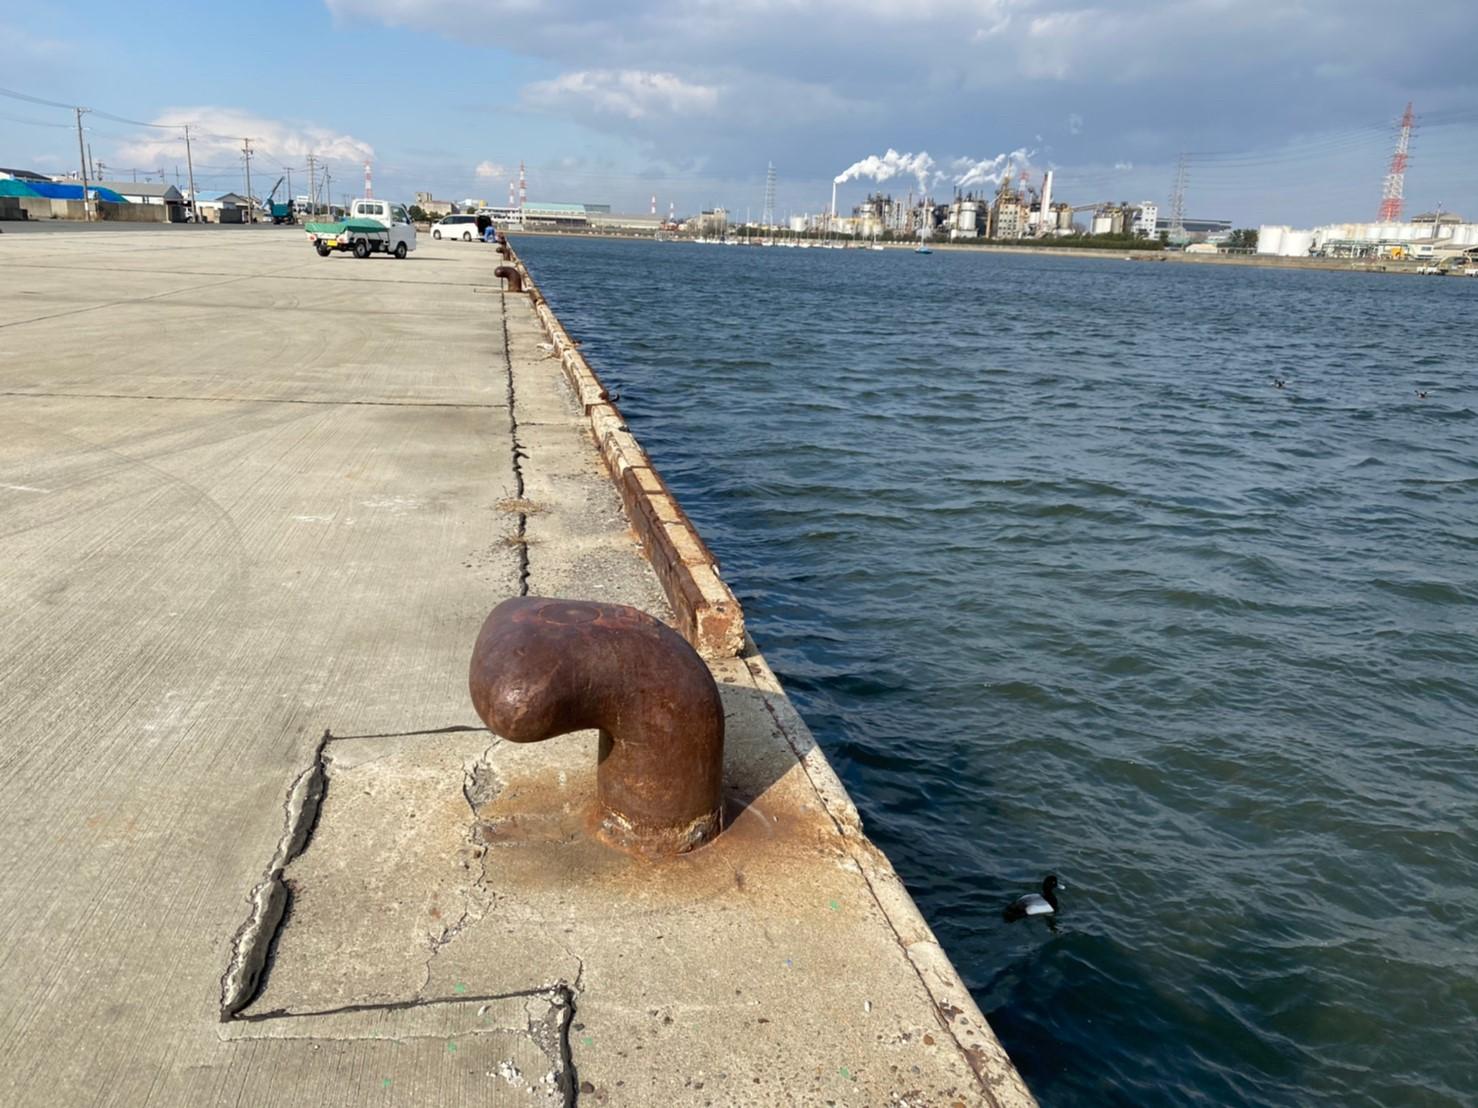 『武豊港:たけとこう』の釣り場情報(住所・駐車場・釣れる魚)